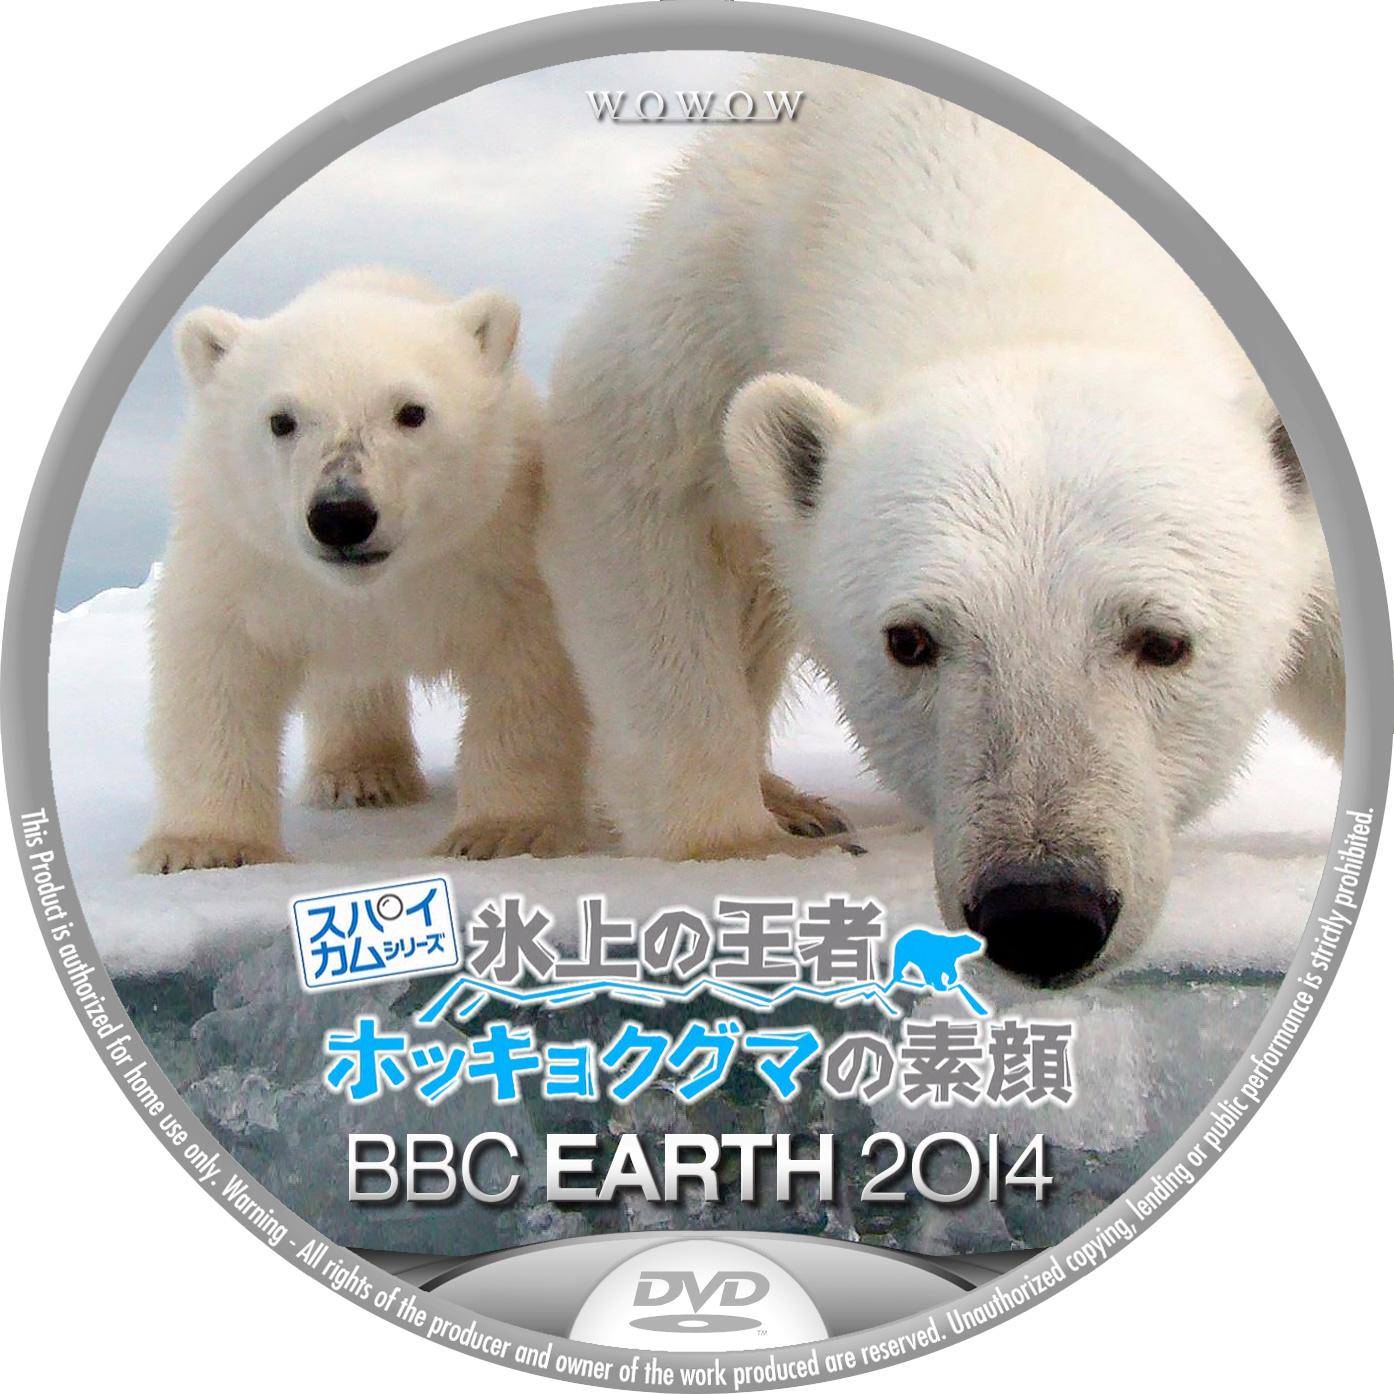 BBC EARTH 2014 スパイカム 氷上の王者 ホッキョクグマの素顔 DVDラベル